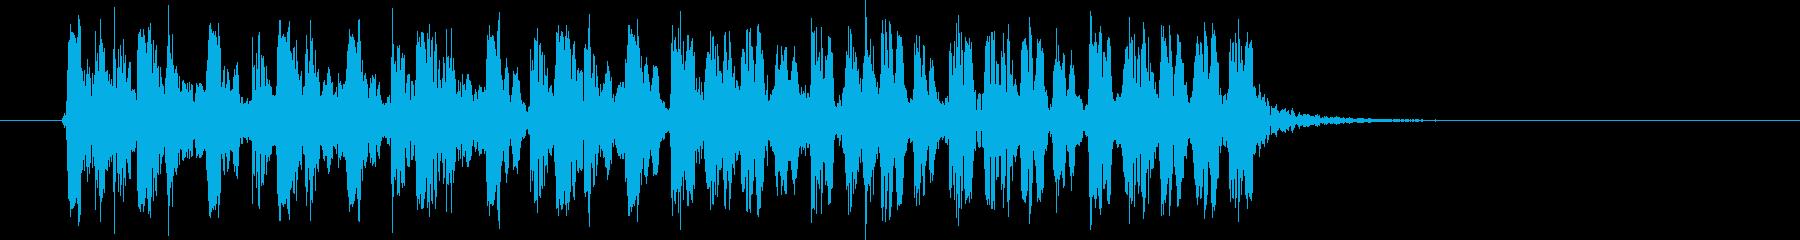 スピーディーなリズムが連続するBGMの再生済みの波形